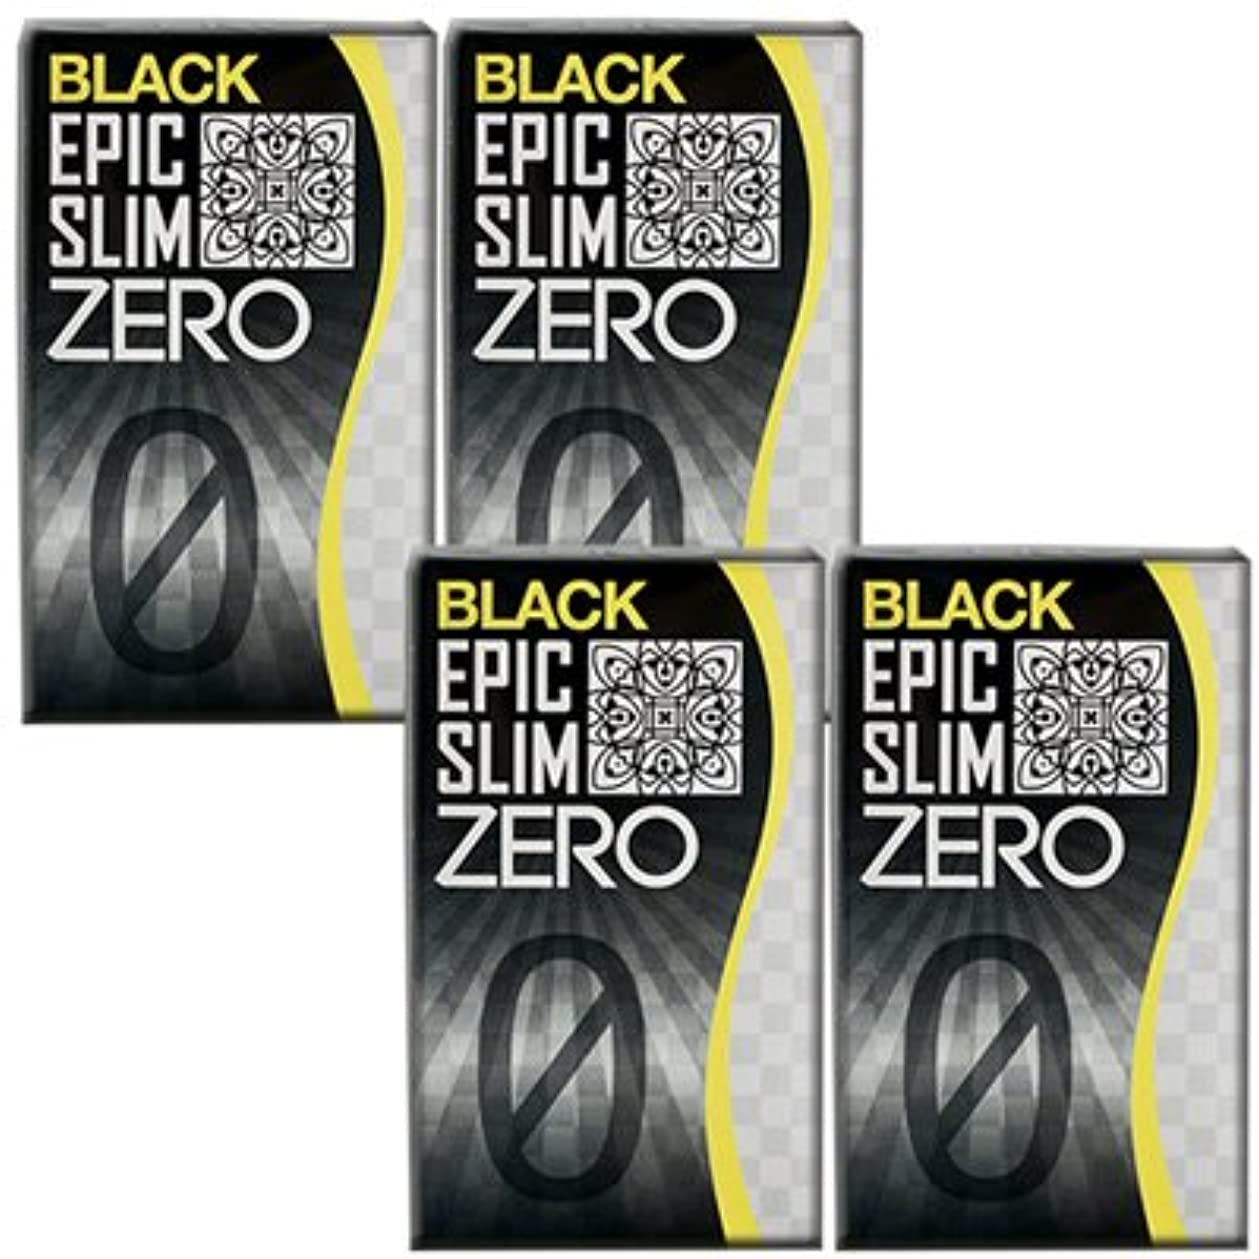 シャーク無声でマイクロフォンブラック エピックスリム ゼロ ブラック 4個セット!  Epic Slim ZERO BLACK ×4個